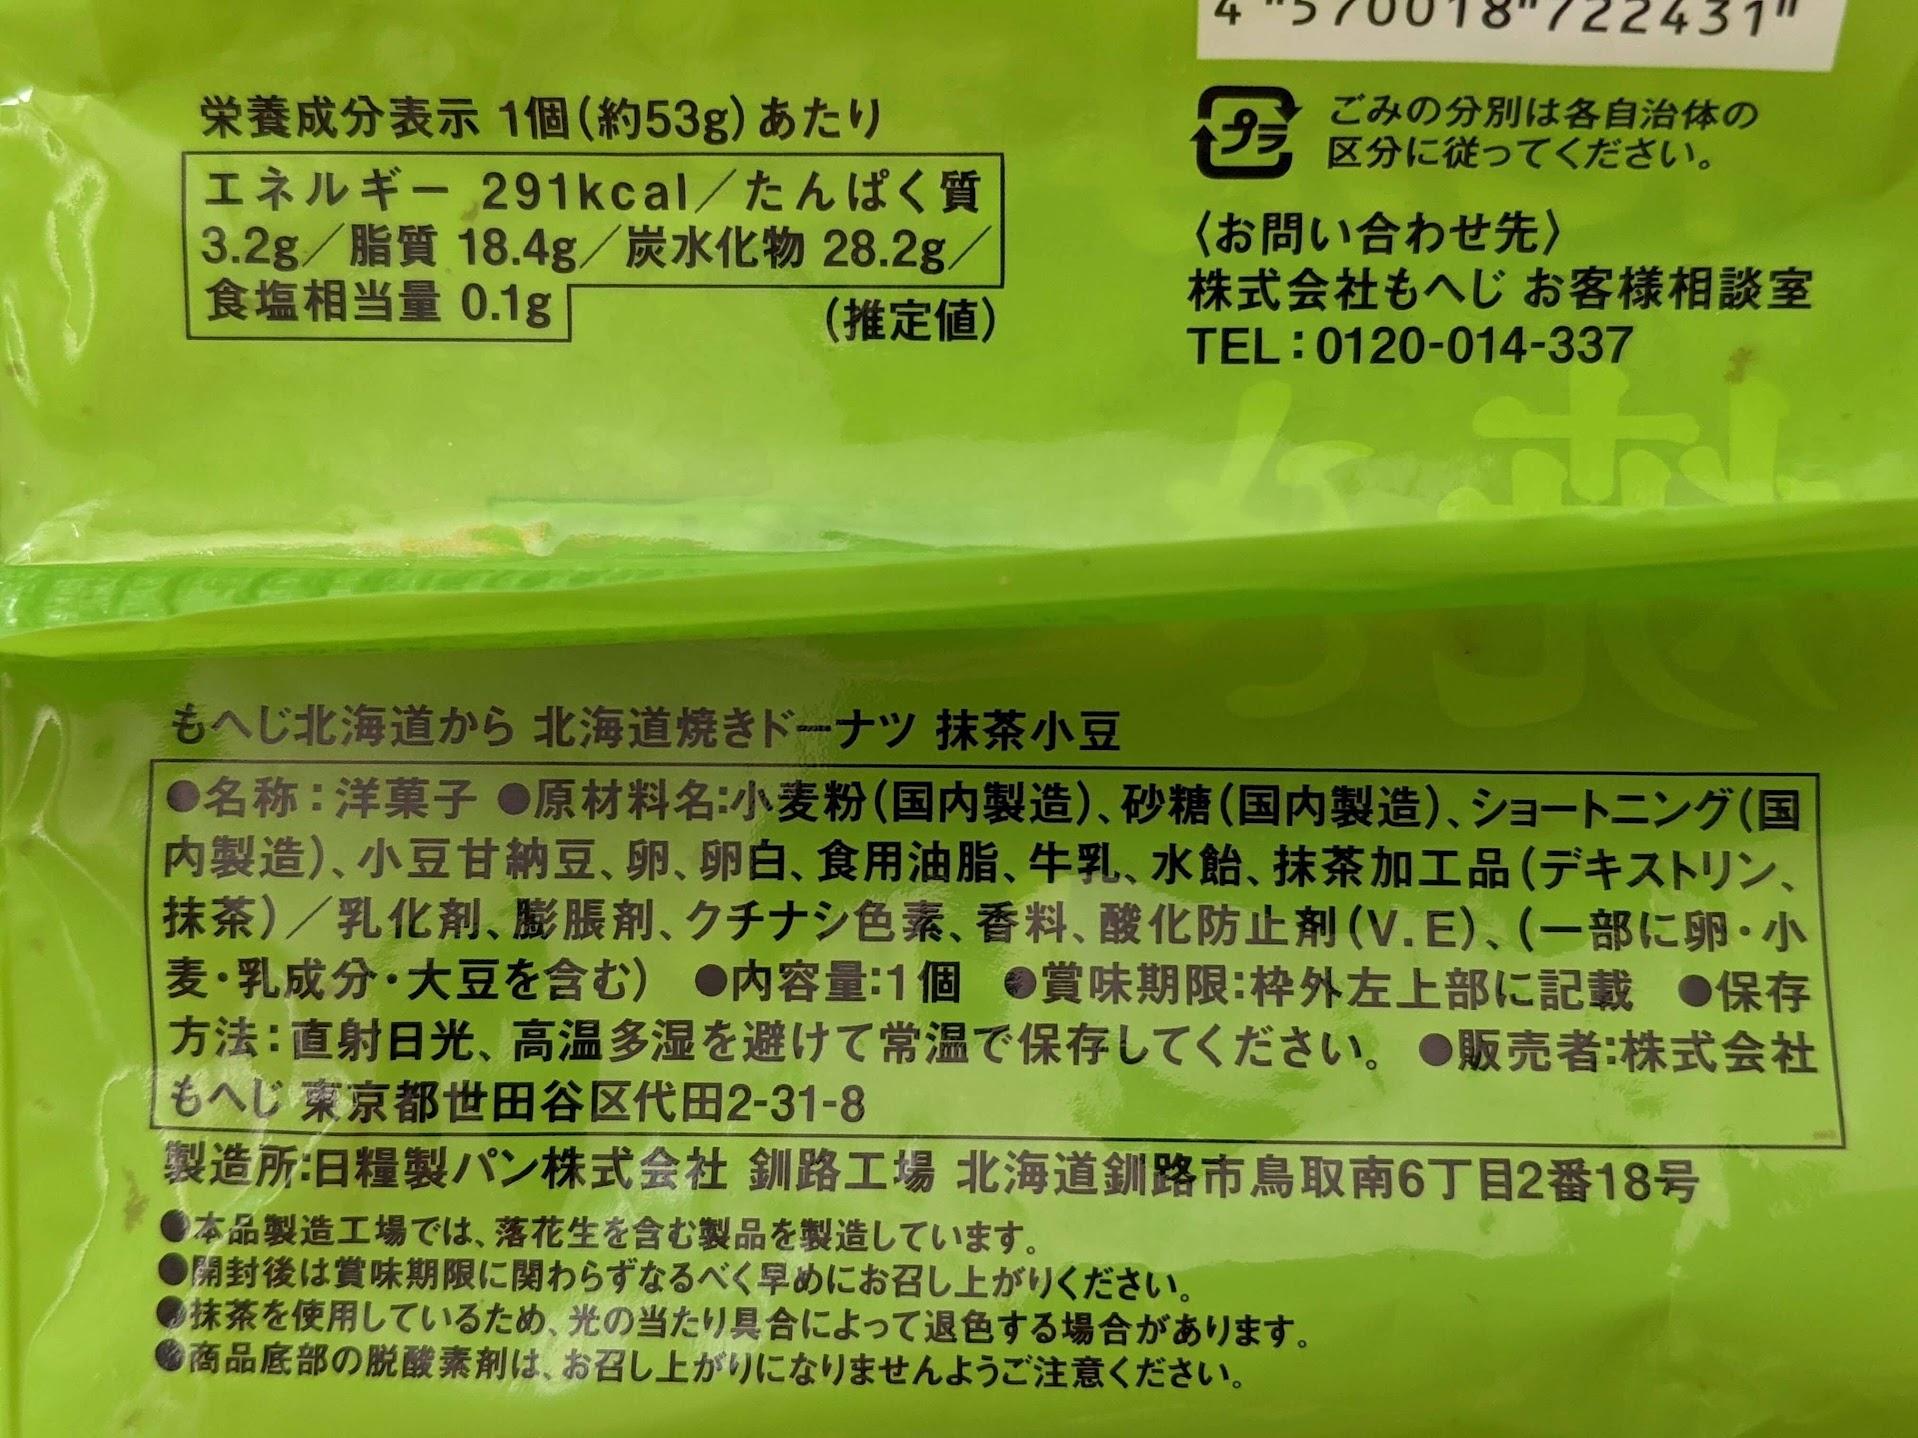 カルディ もへじ 北海道焼きドーナツ 抹茶小豆 栄養成分表示